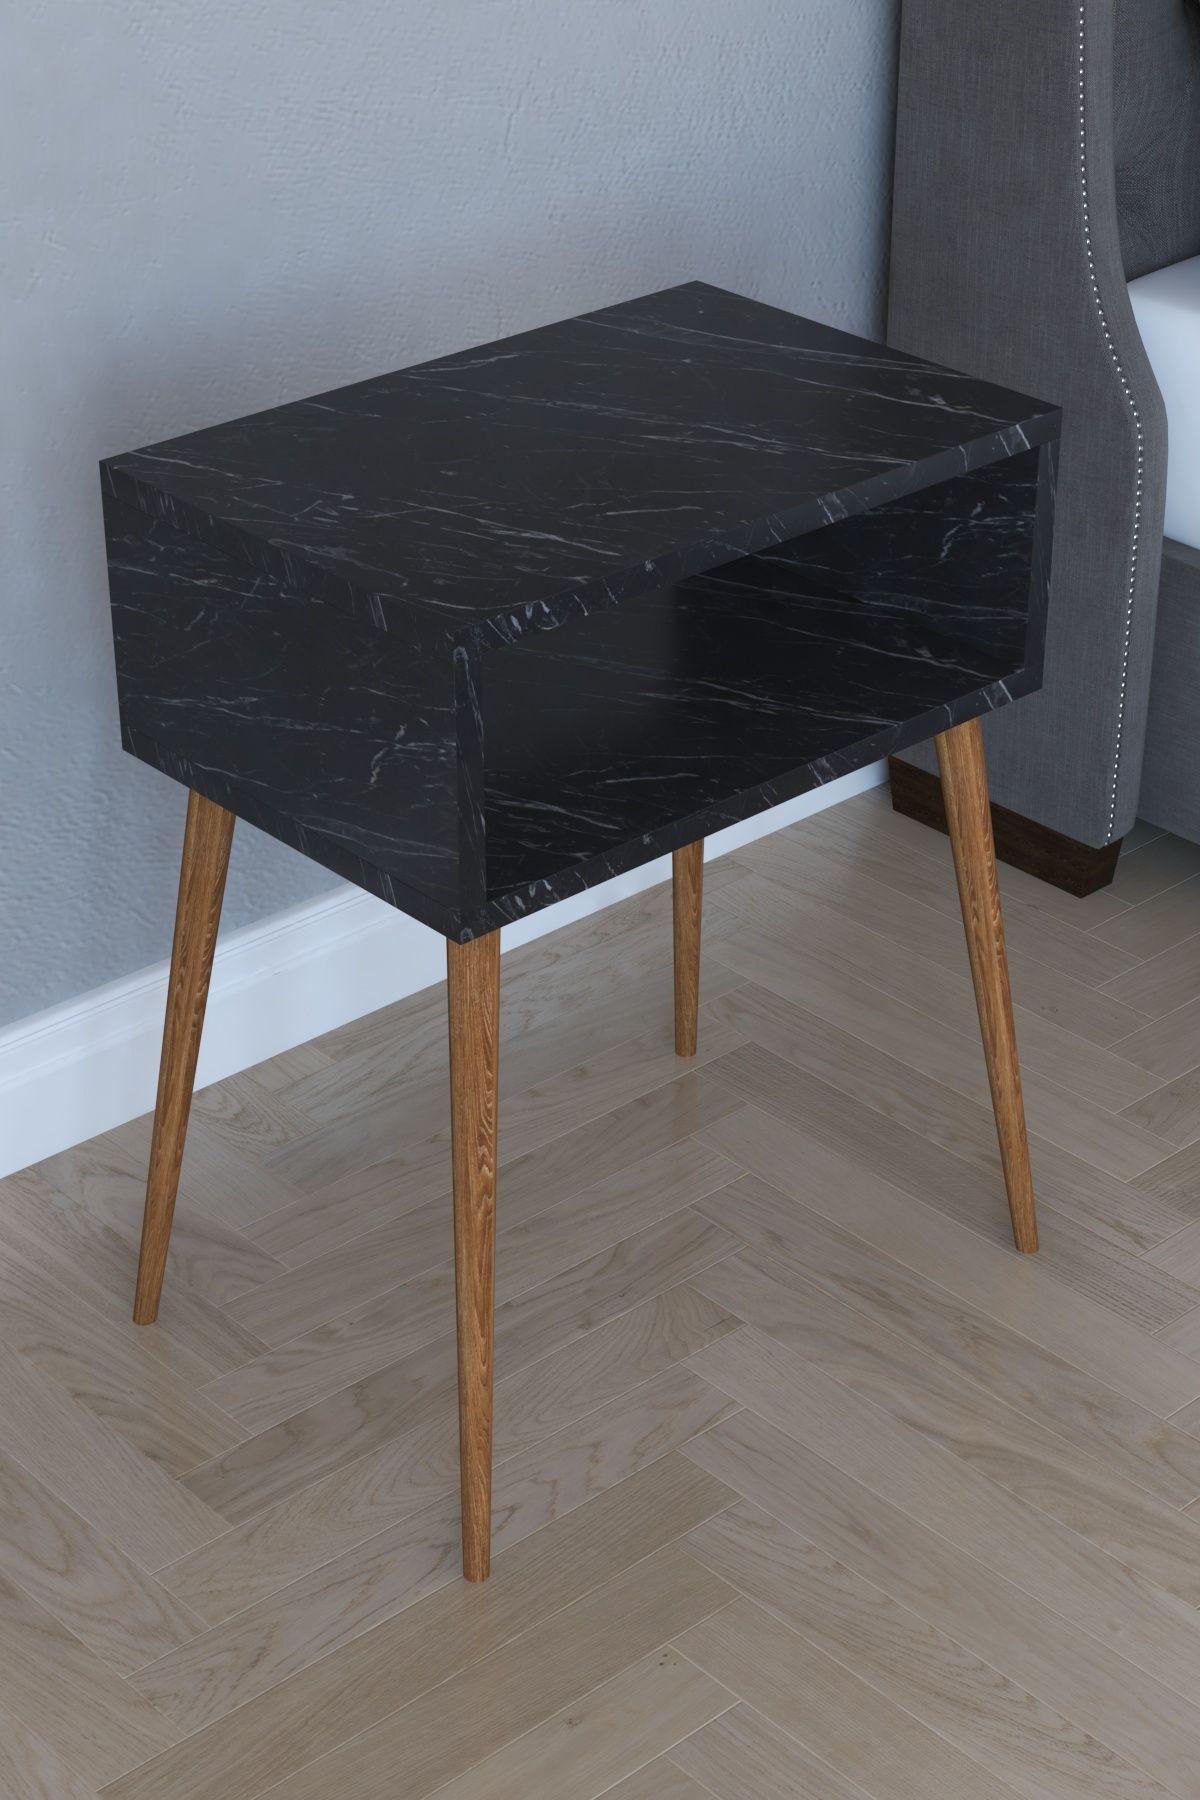 Noptiera moderna deschisa Milena Homs45 x 30 x 60 cm, negru marmorat